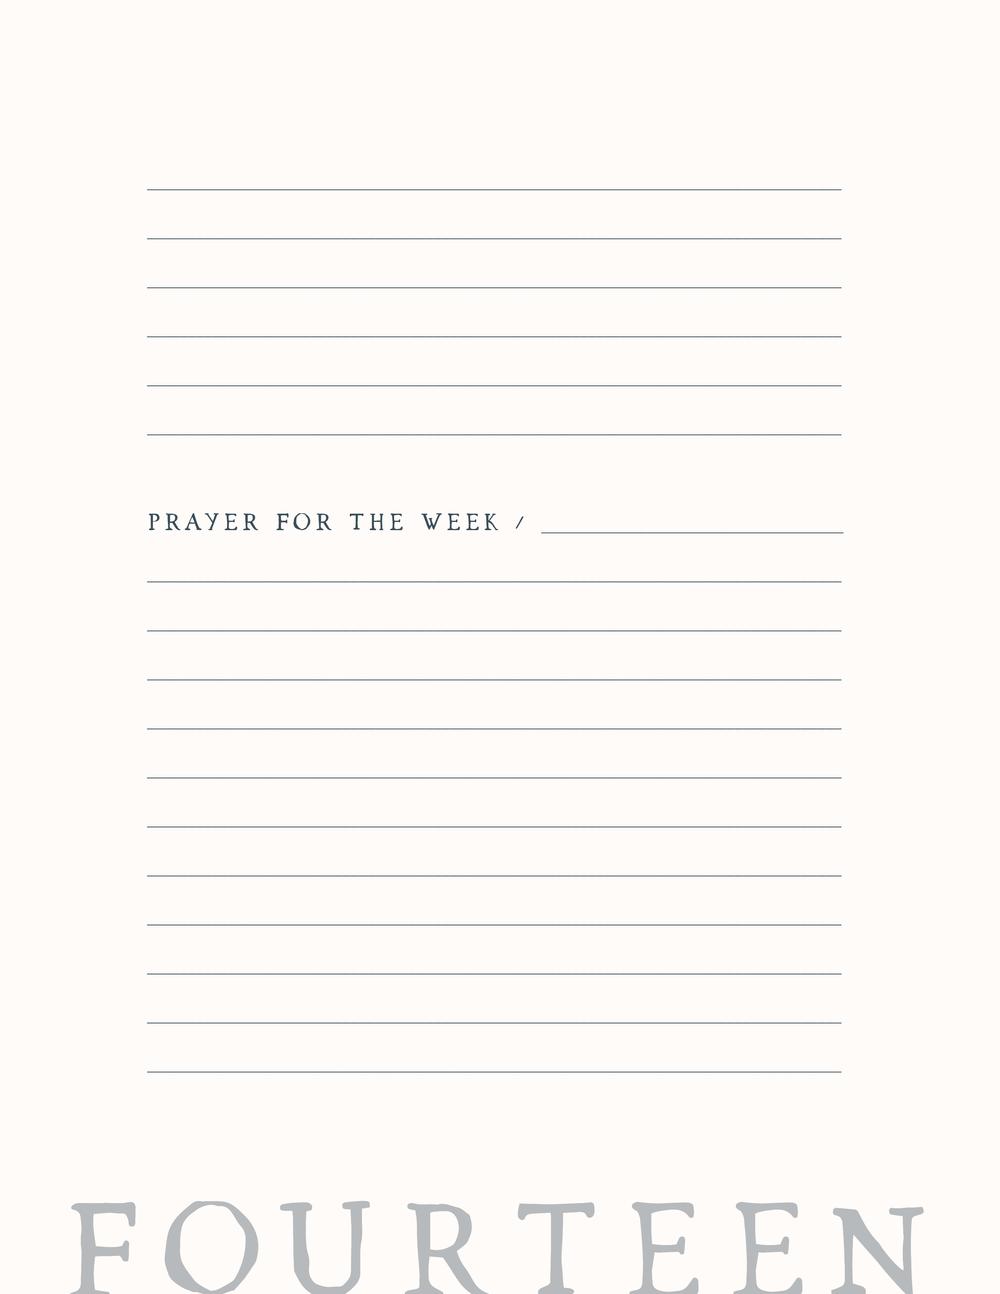 week142.png